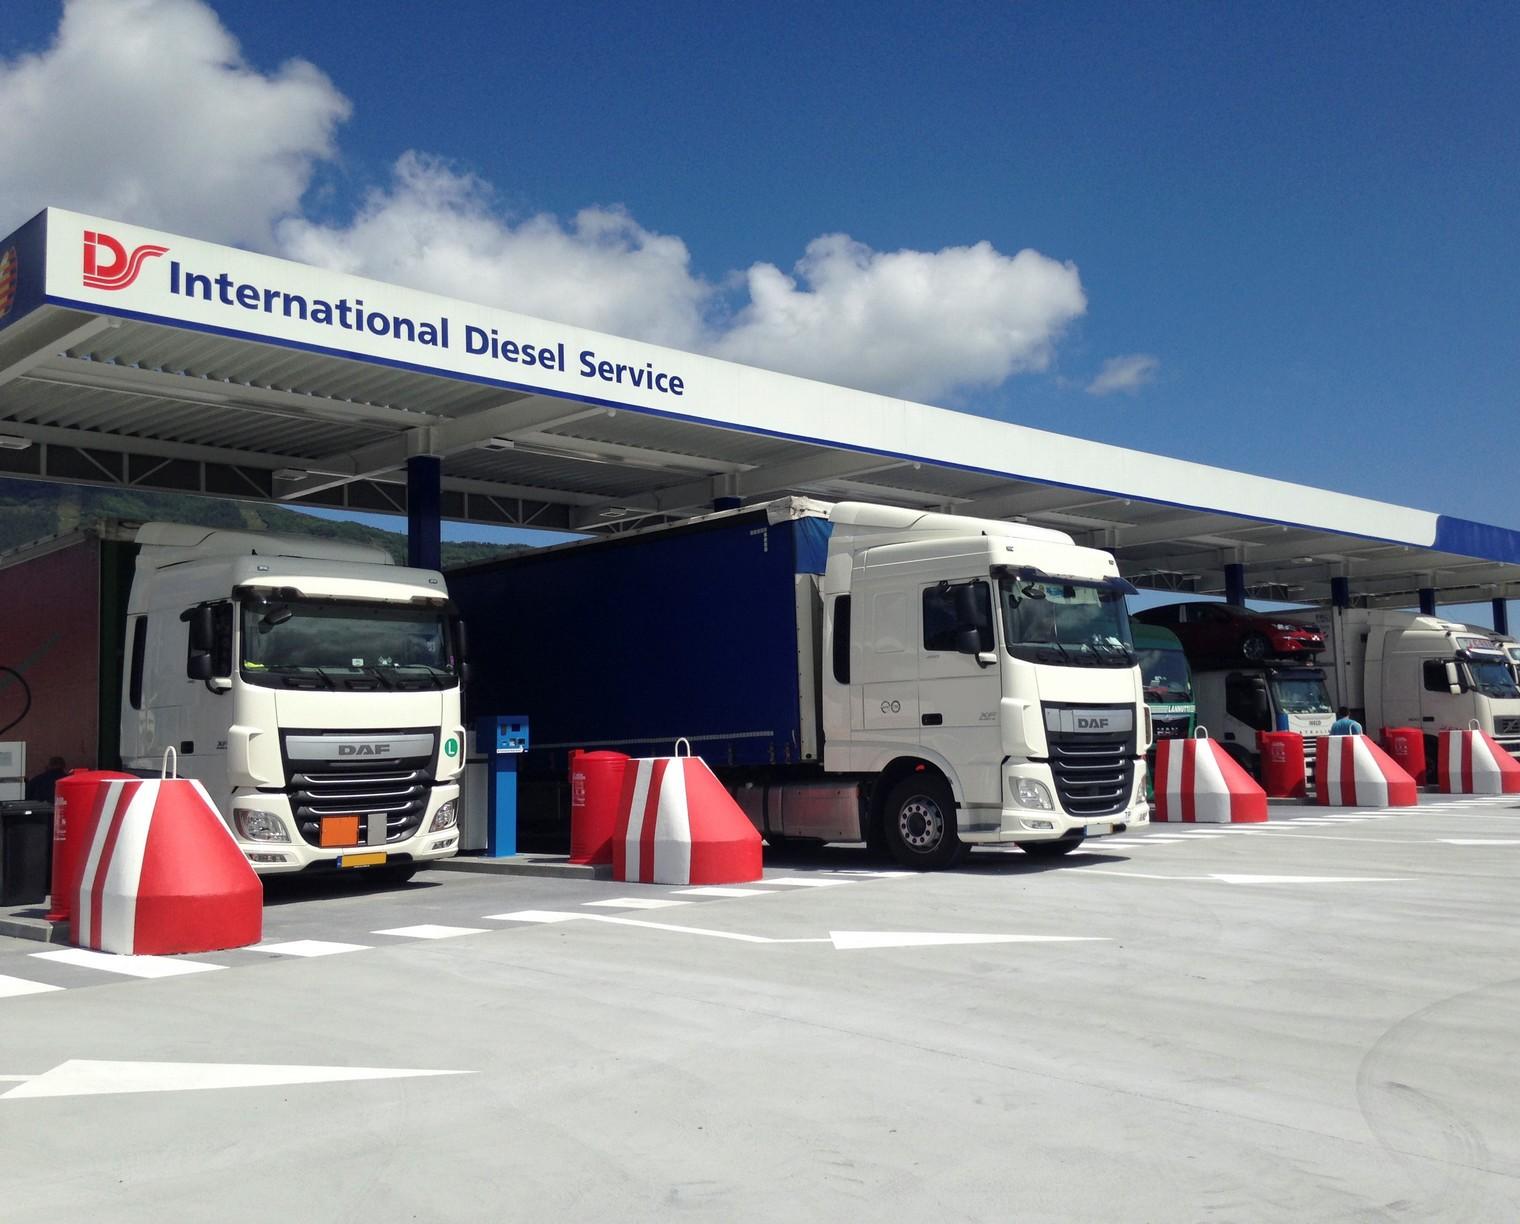 IDS üzemanyagkártya teherautókhoz: 100%-os, bankkártyaszintű biztonság